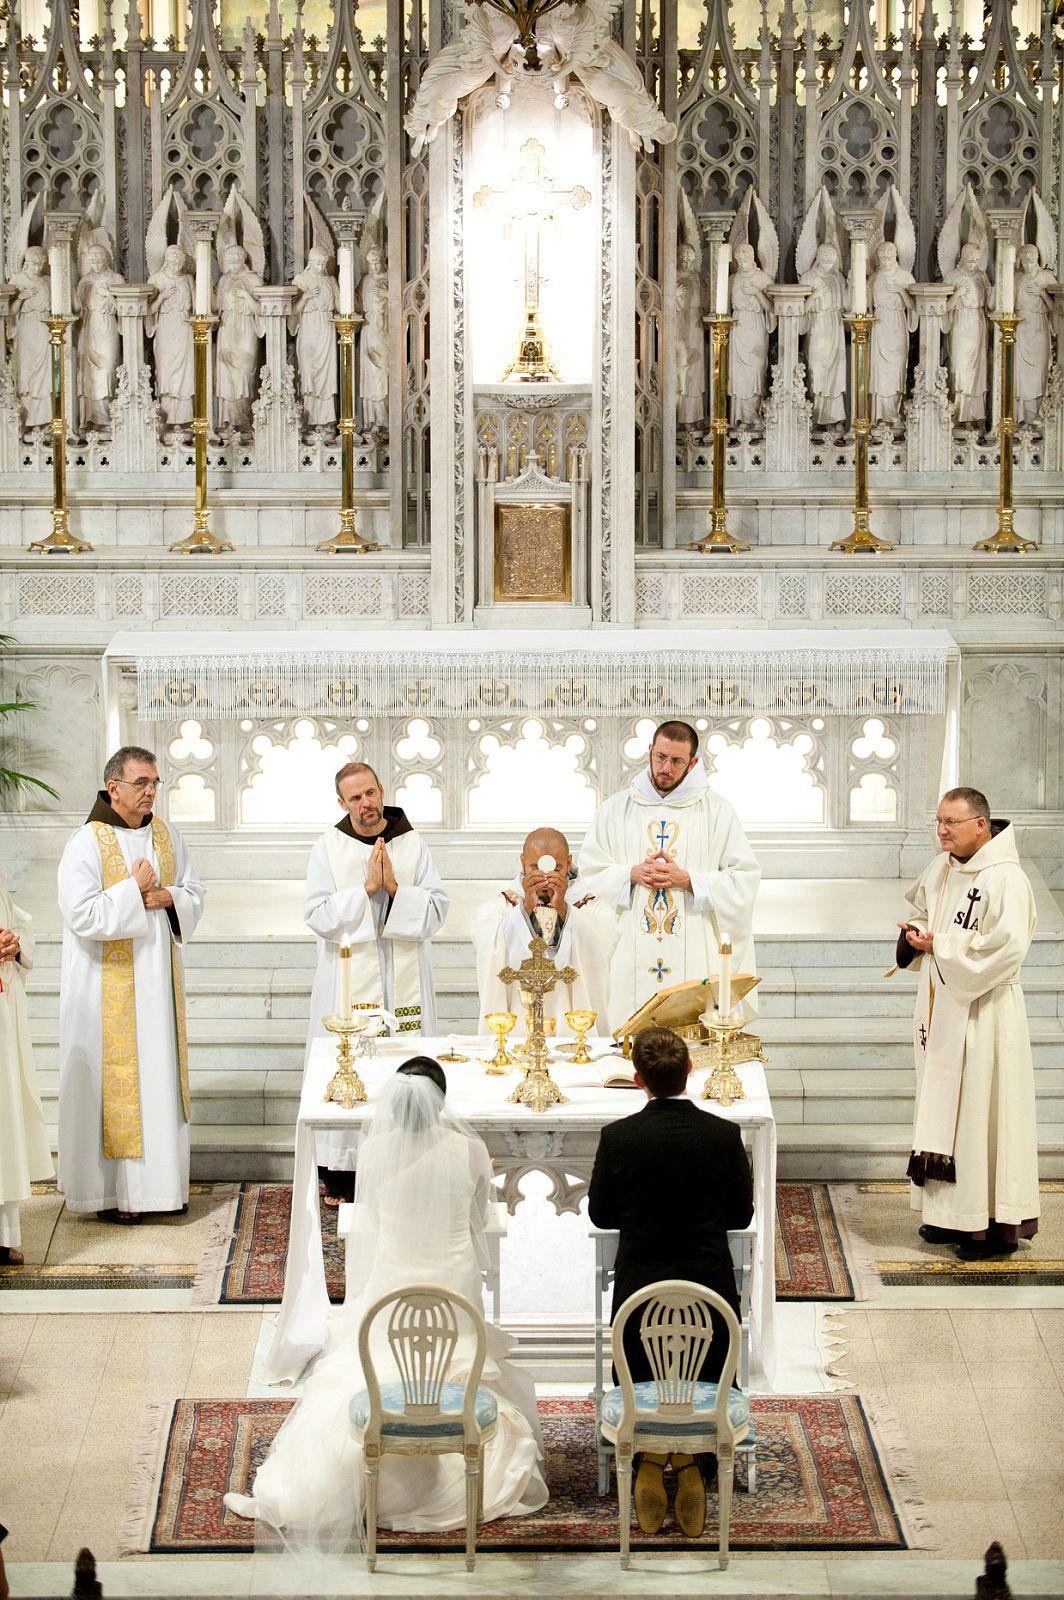 Catholic religion wedding